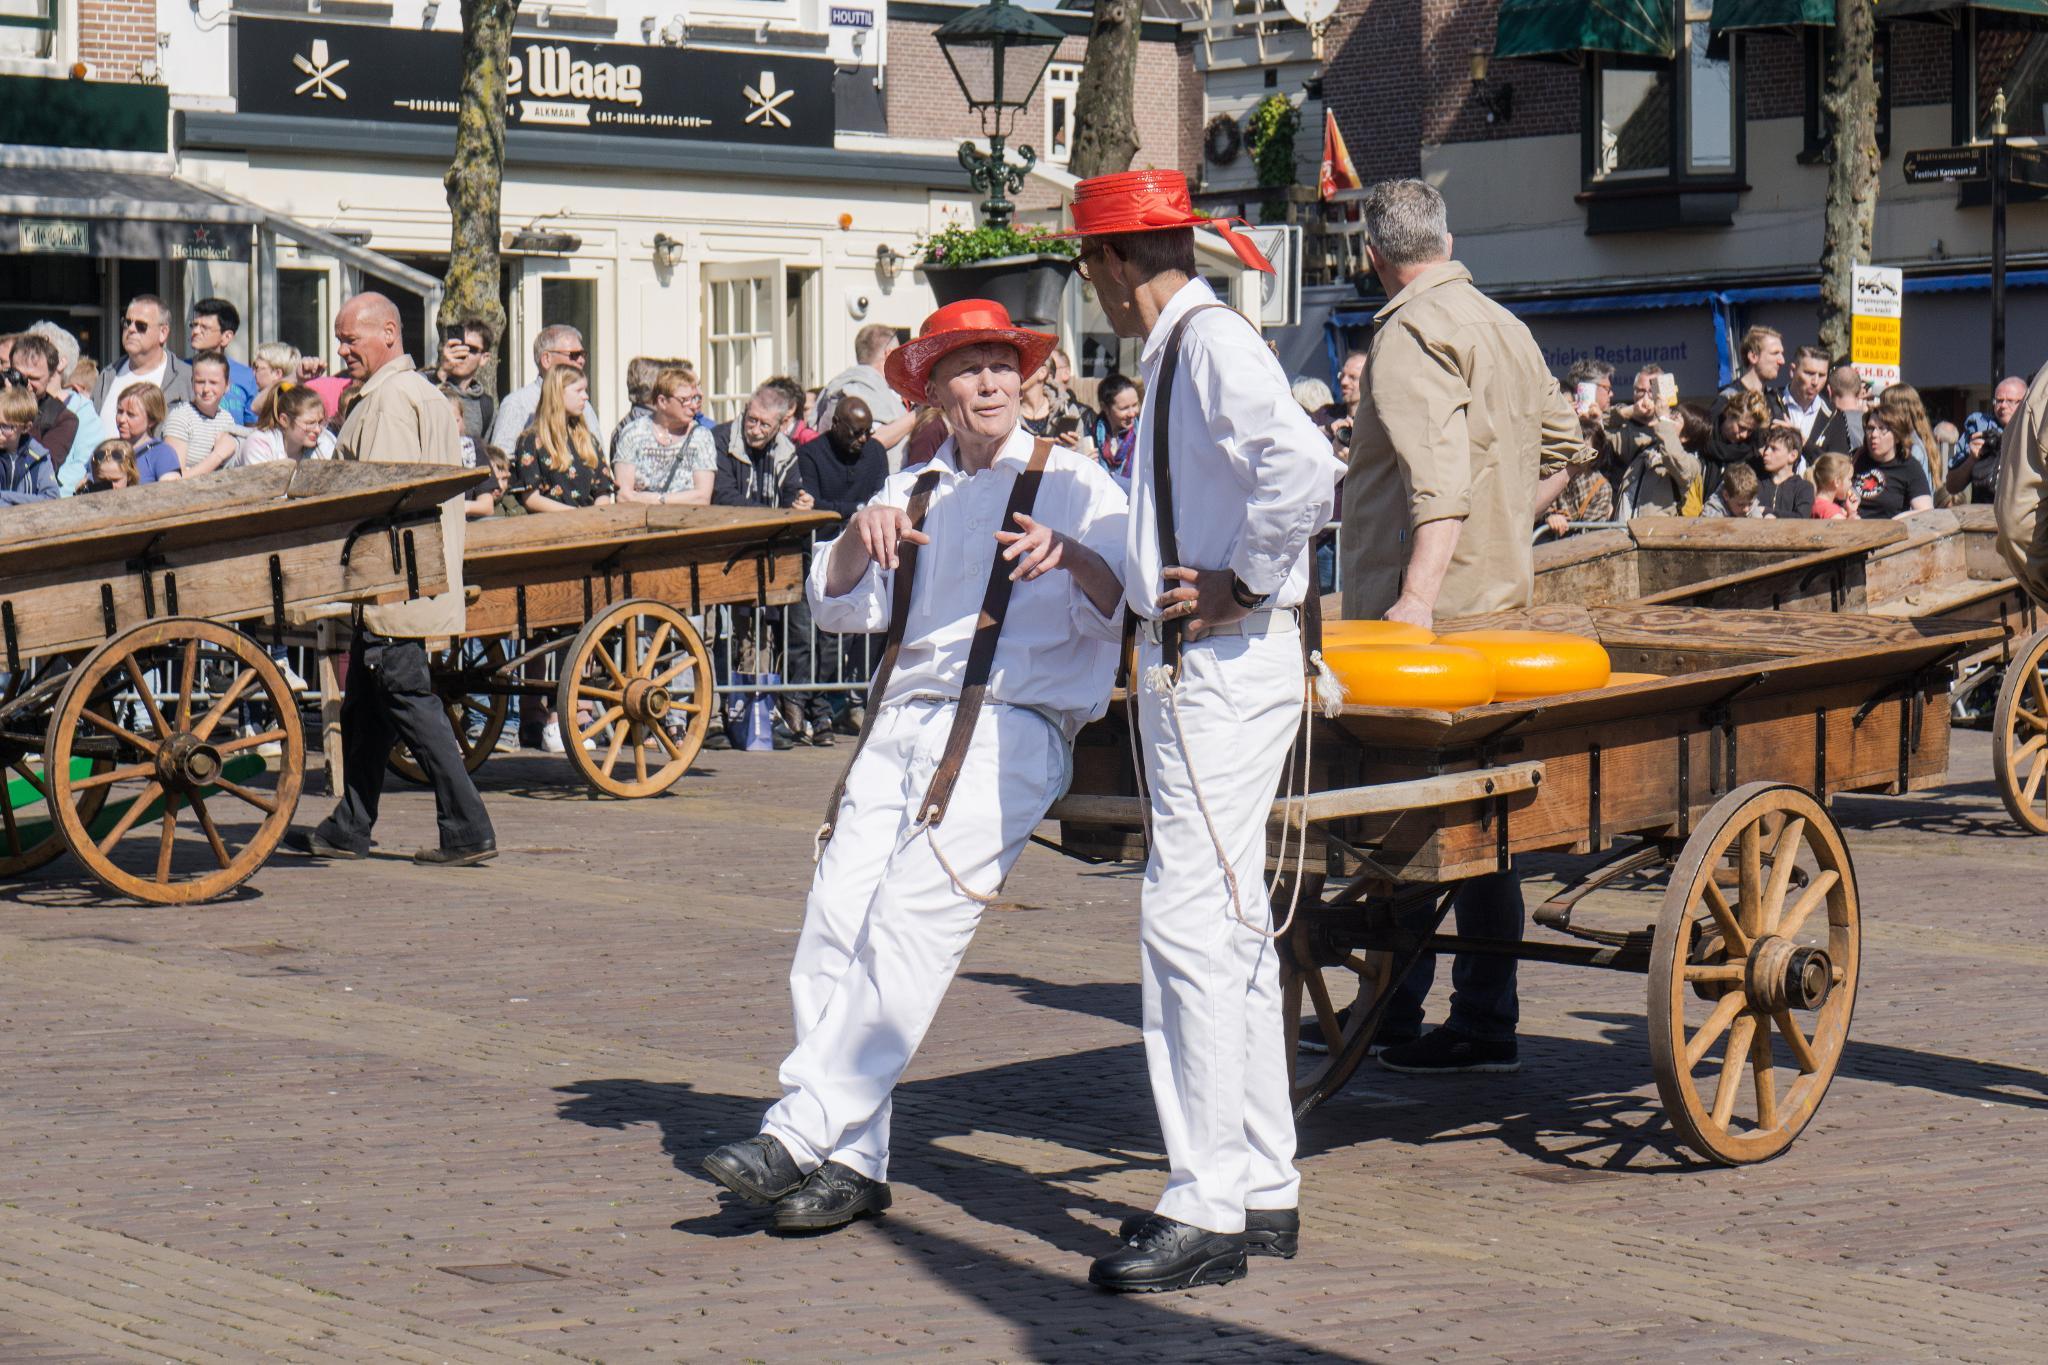 【荷蘭印象】體驗道地的荷式風情 — Alkmaar 起司市集 散步路線整理 25